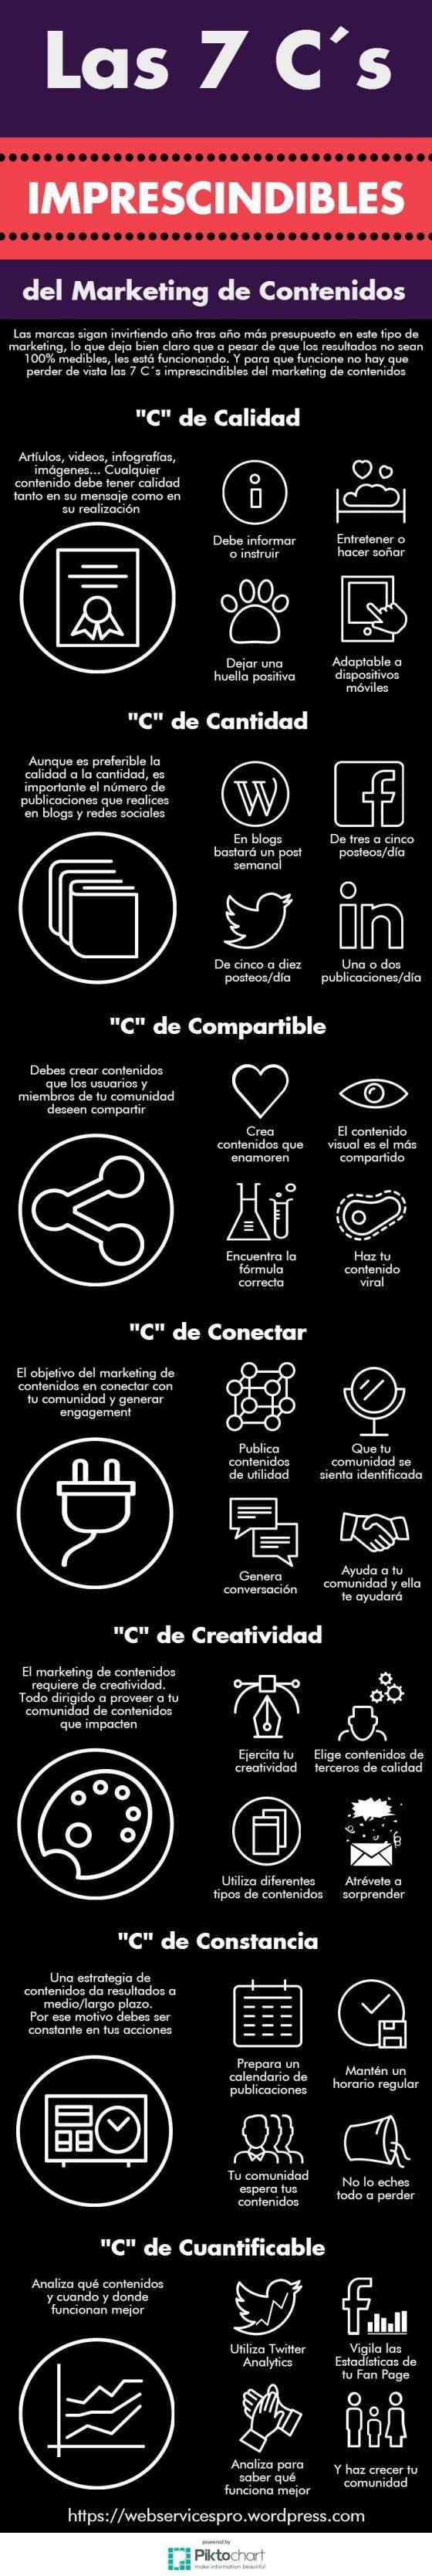 """Las 7 """"C"""" imprescindibles del Marketing de Contenidos"""